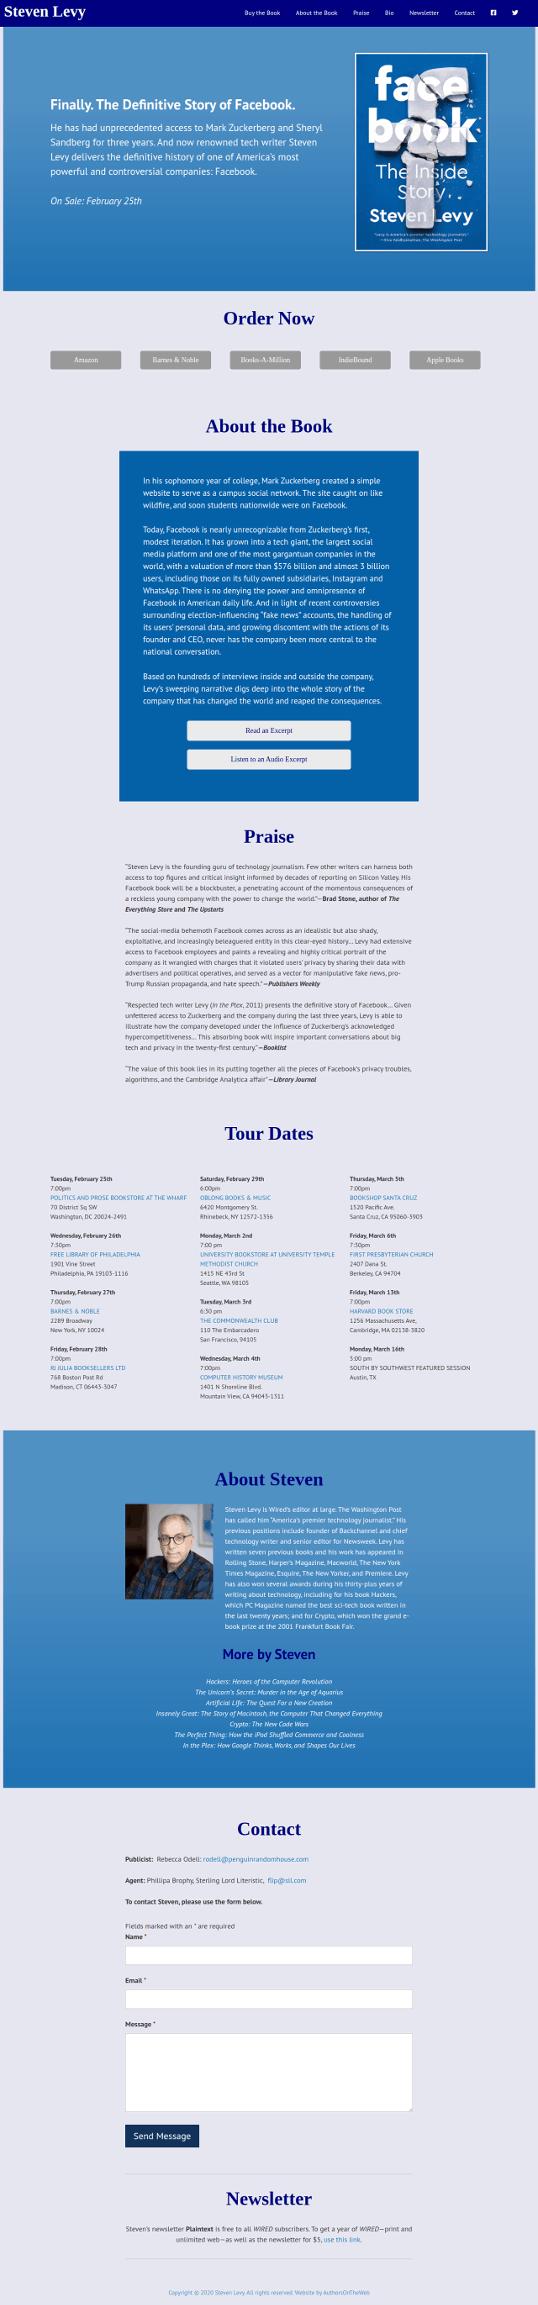 StevenLevy.com Full Screenshot